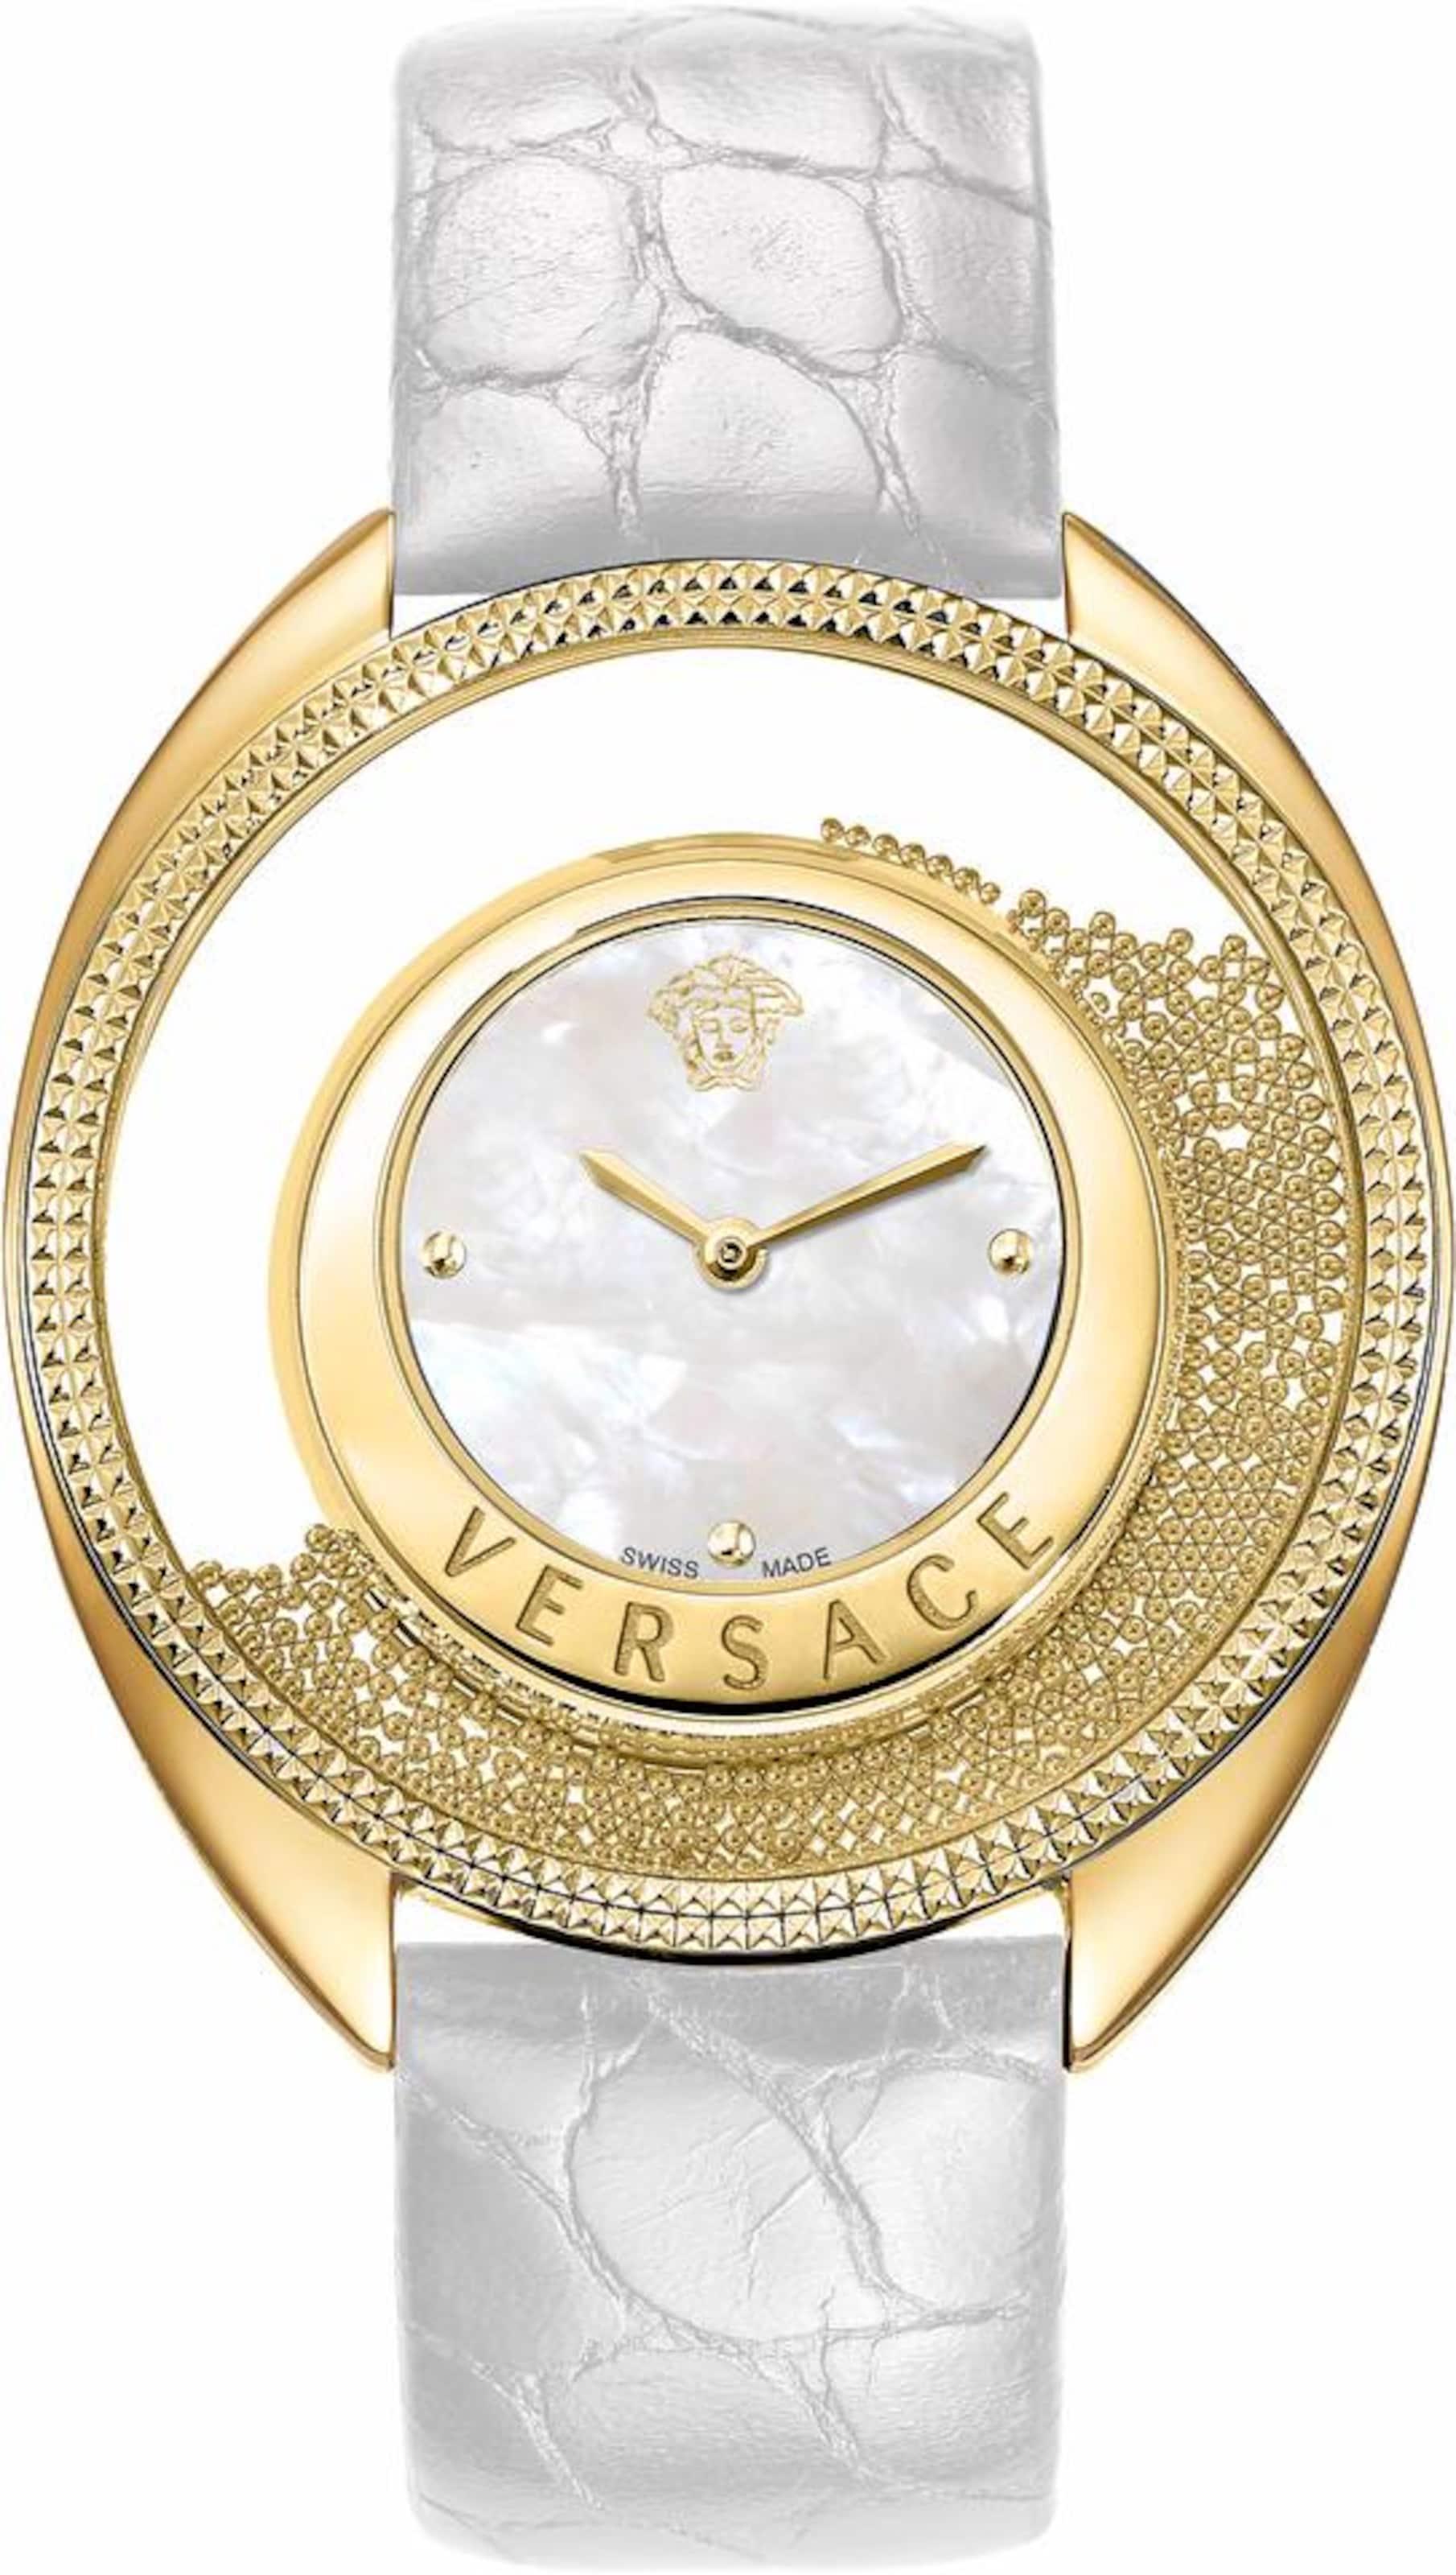 VERSACE Schweizer Uhr 'Destiny, VAR110017'